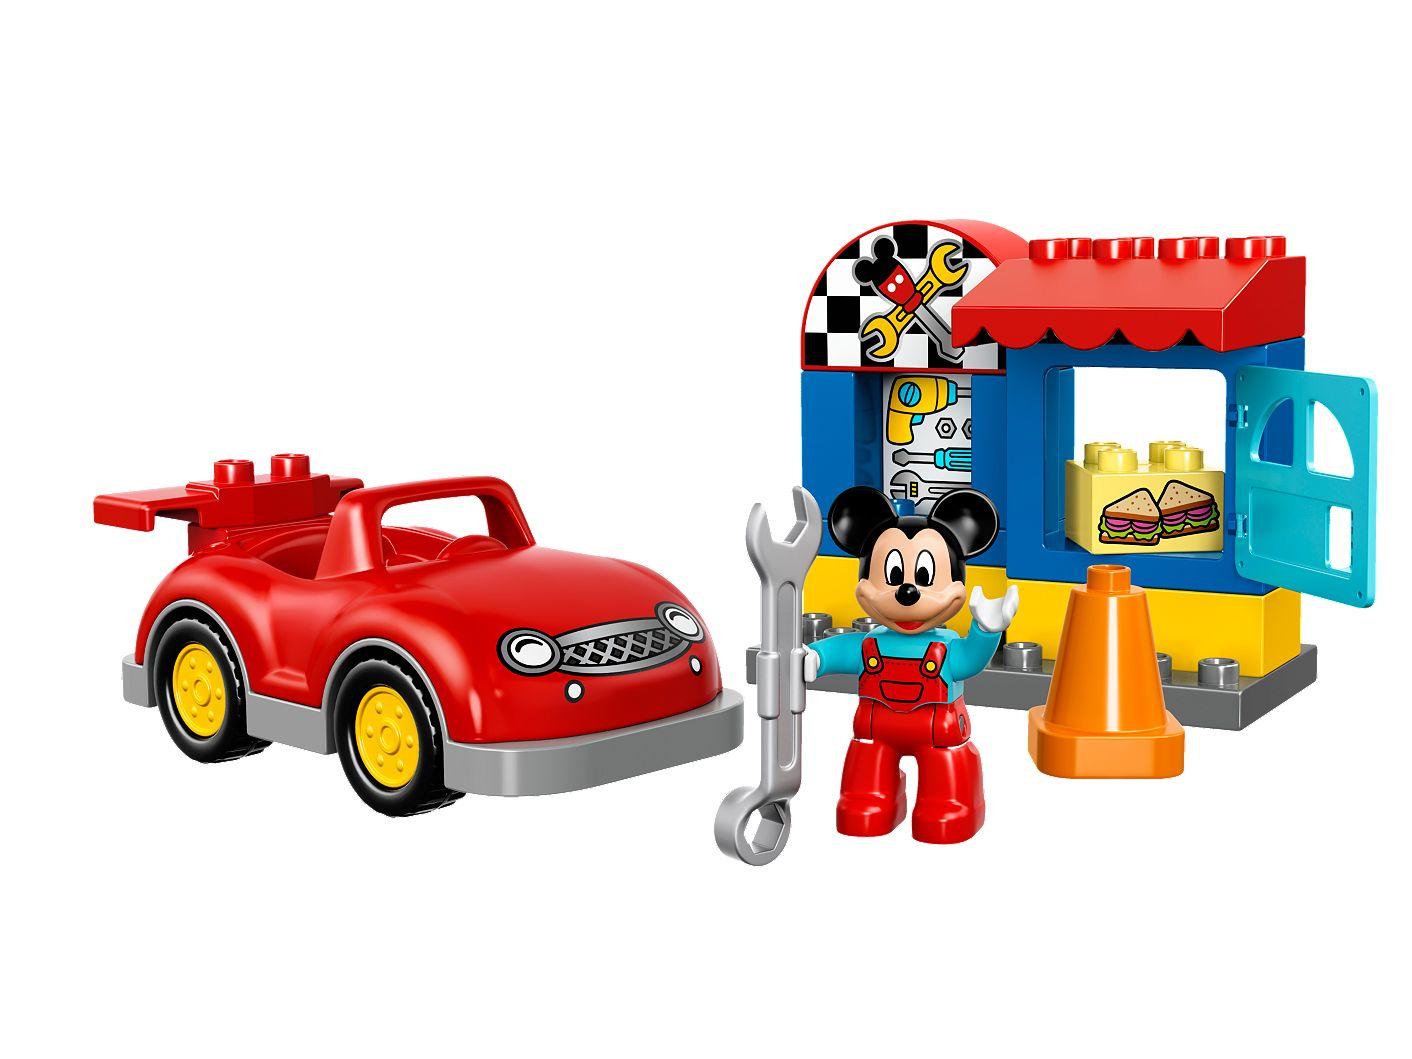 Warsztat Myszki Mickey 10829 Duplo Lego Shop